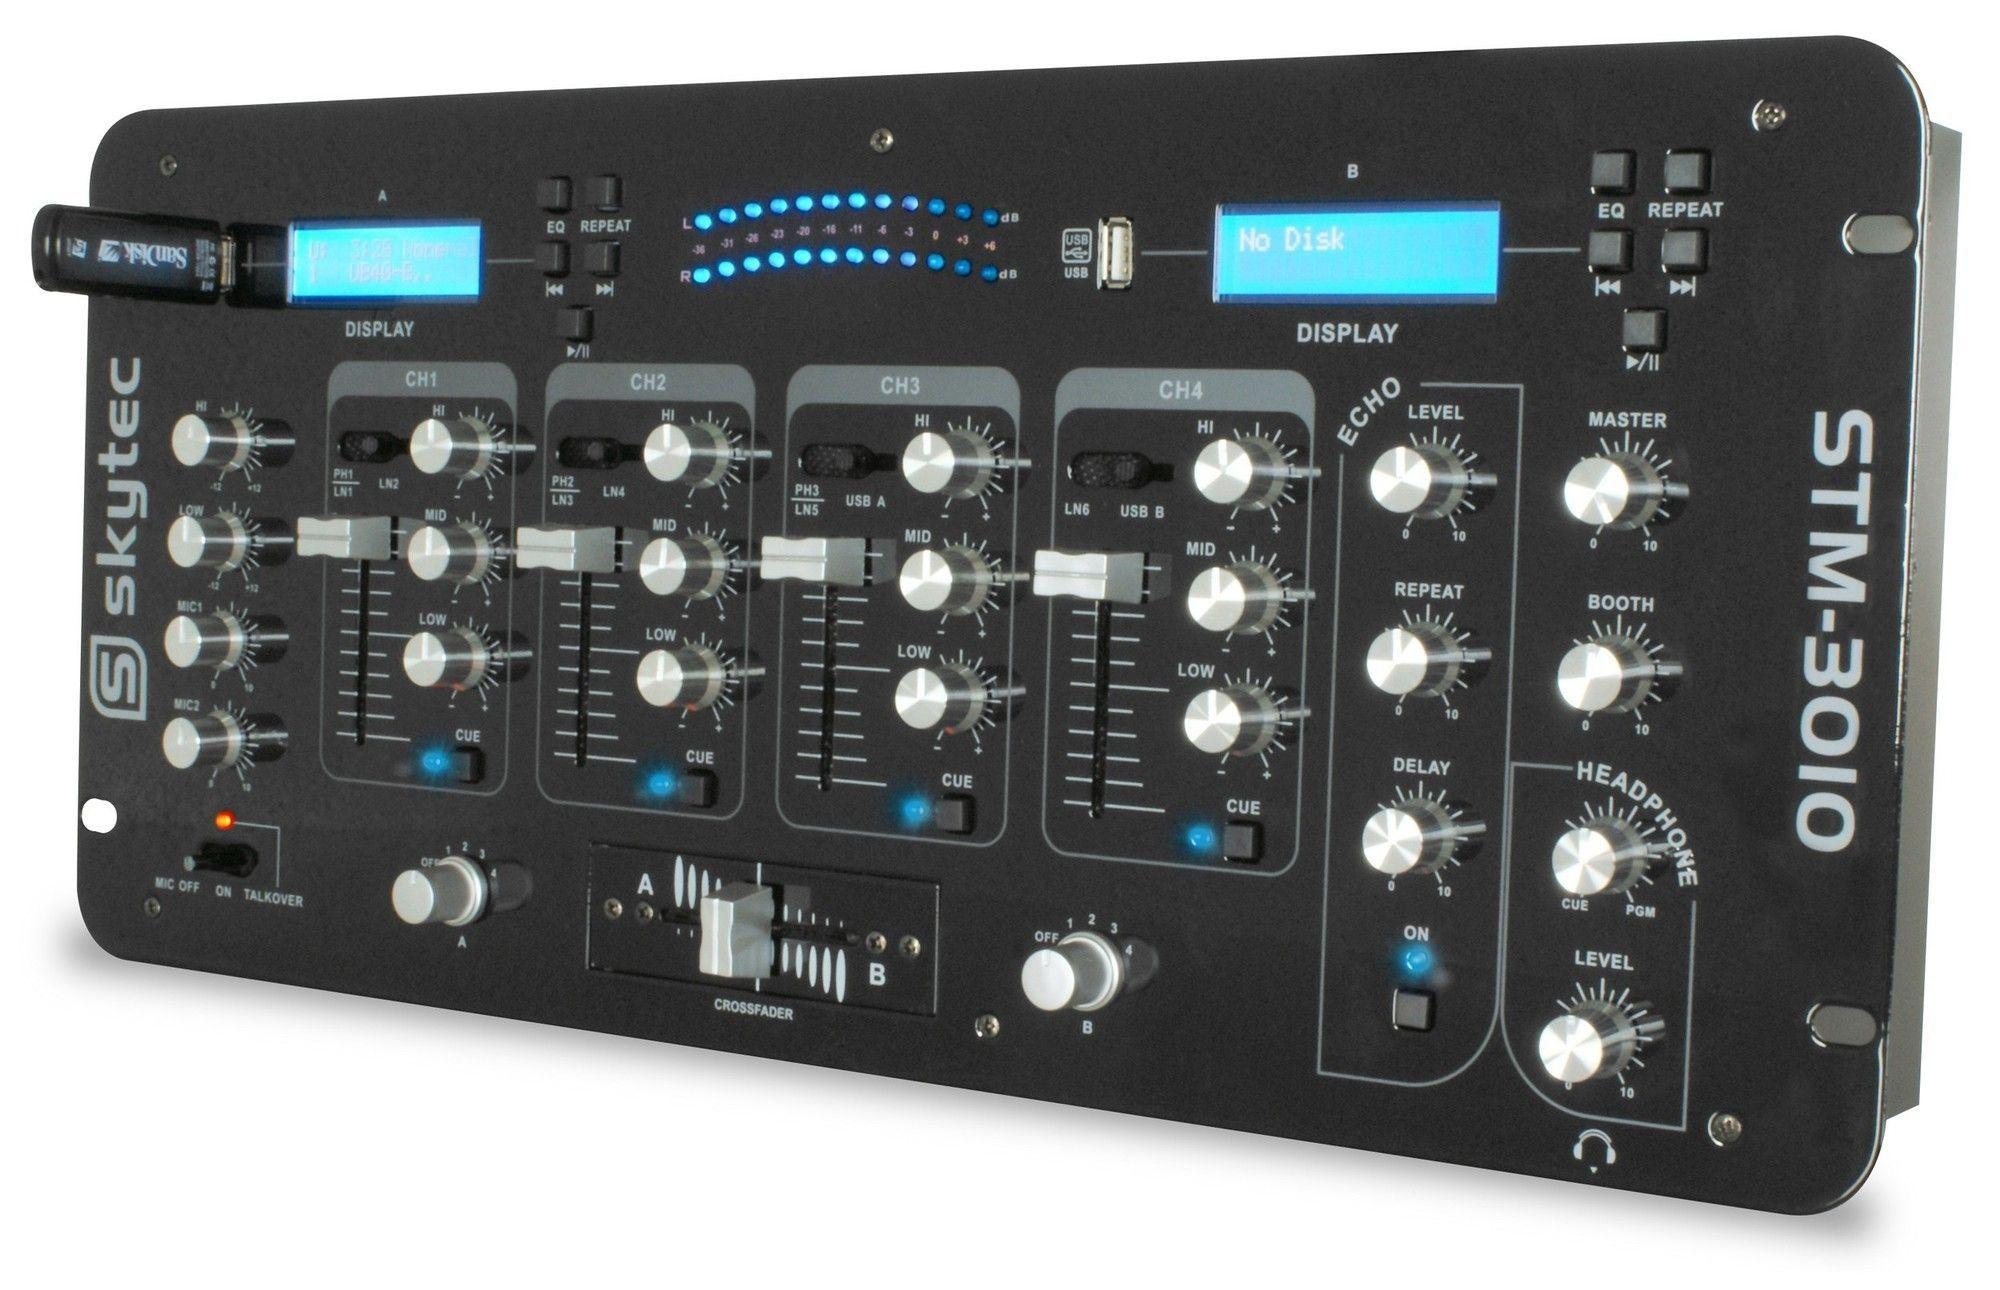 SkyTec STM-3010 4 Kanaals DJ mengpaneel met 2 x USB